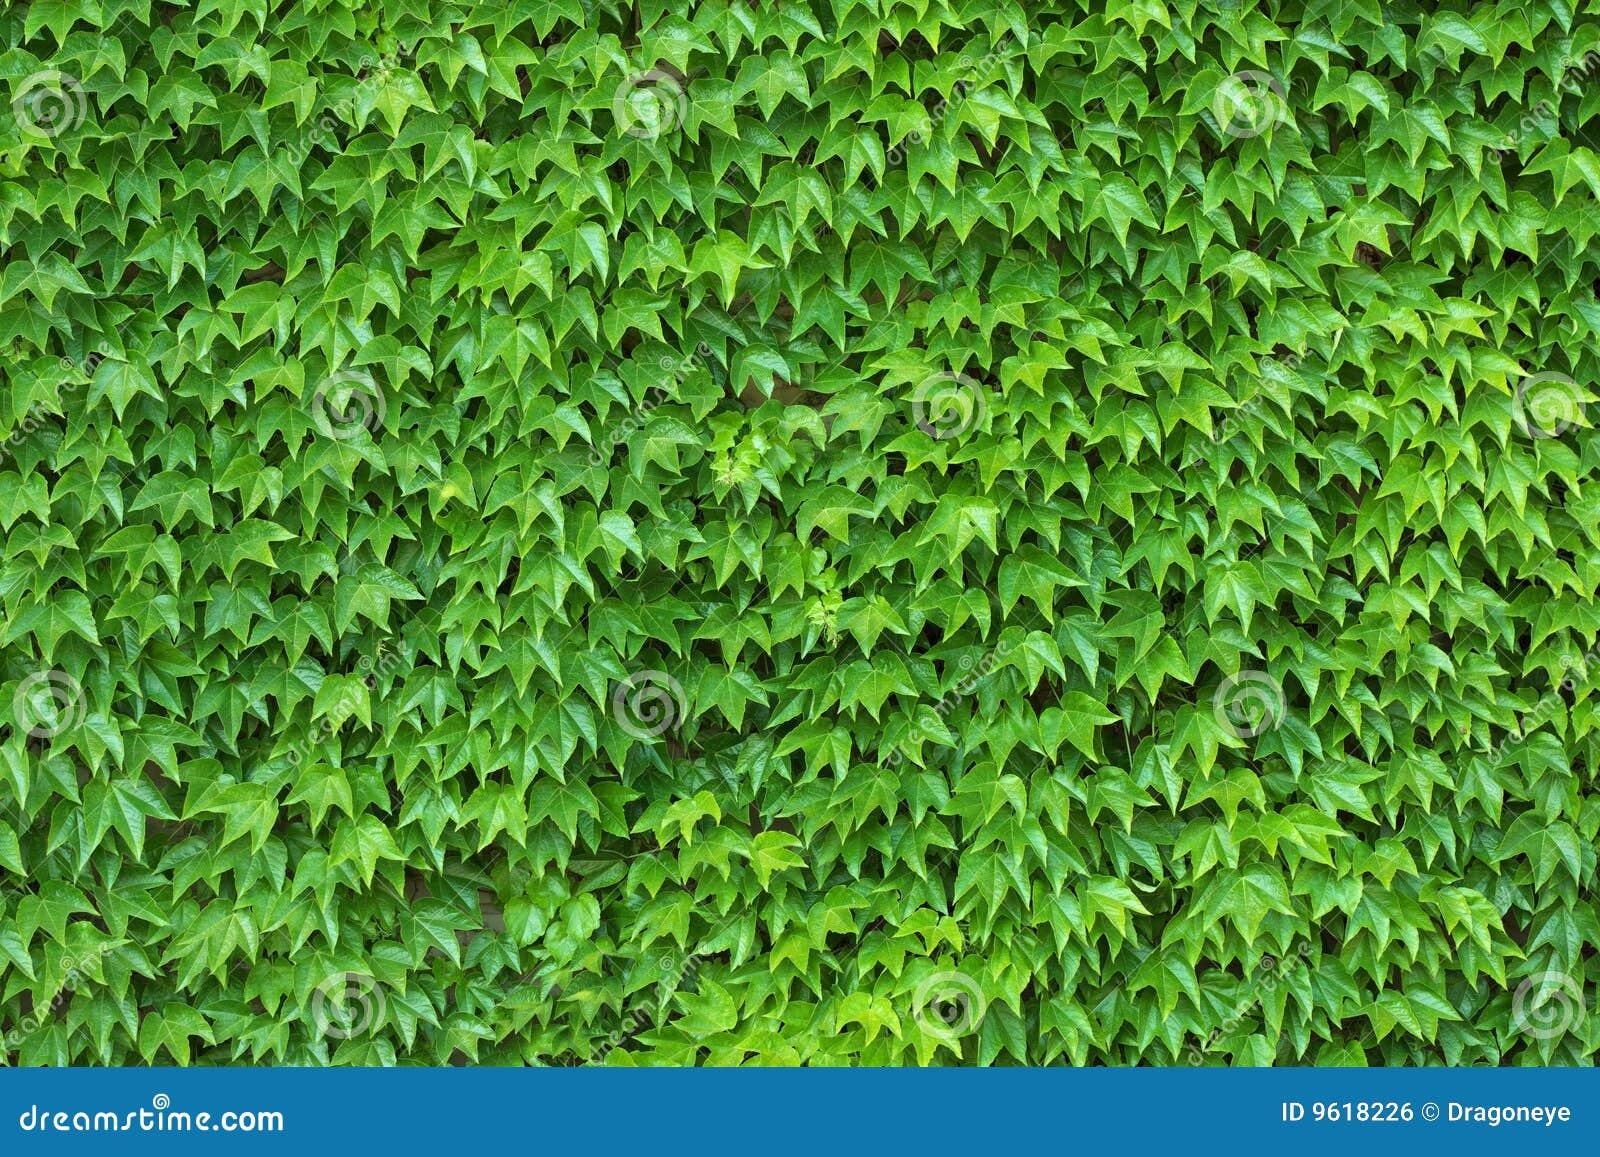 Efeu-Wand Stockfoto. Bild Von Rebe, Grün, Wachstum, Blatt